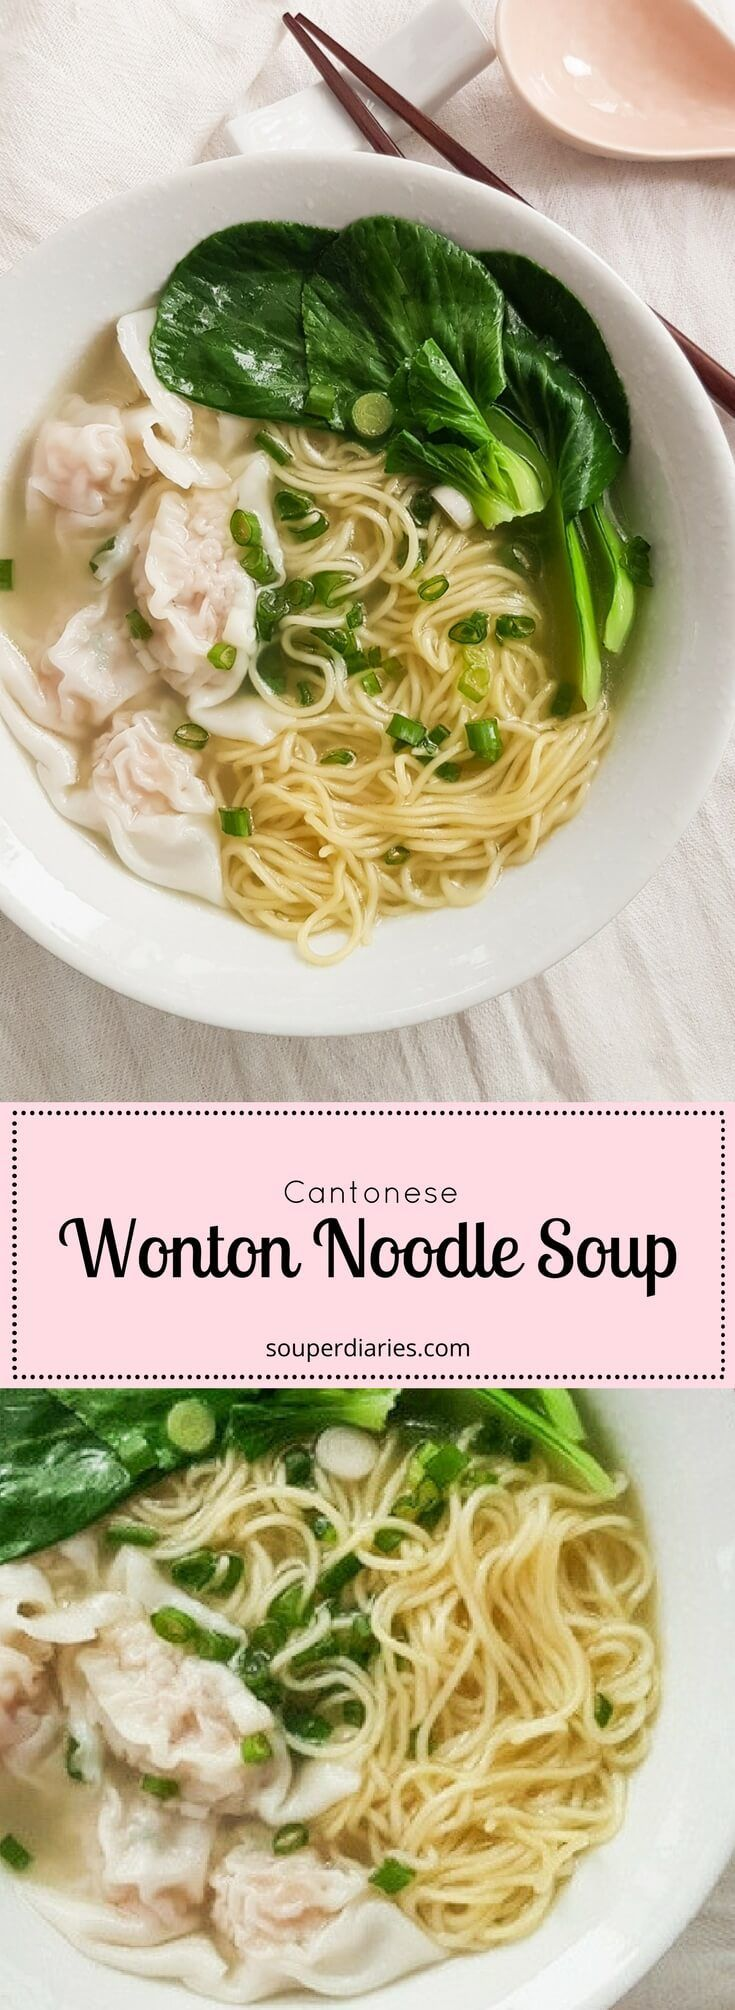 Wonton Noodles Soup Recipe (Cantonese Style)